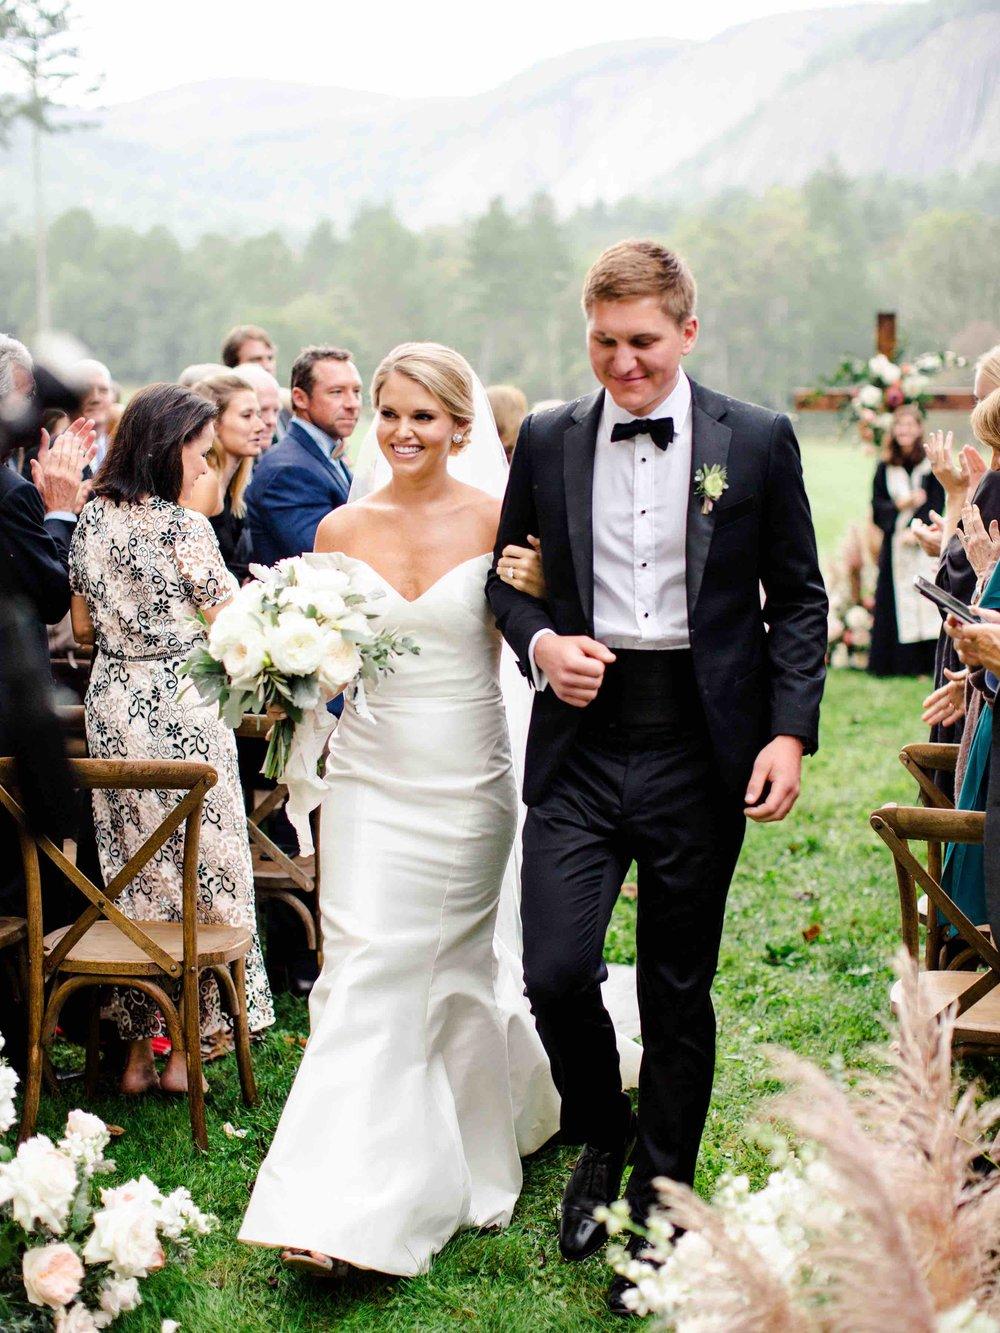 mariee-ami-rustic-wedding-12.jpeg